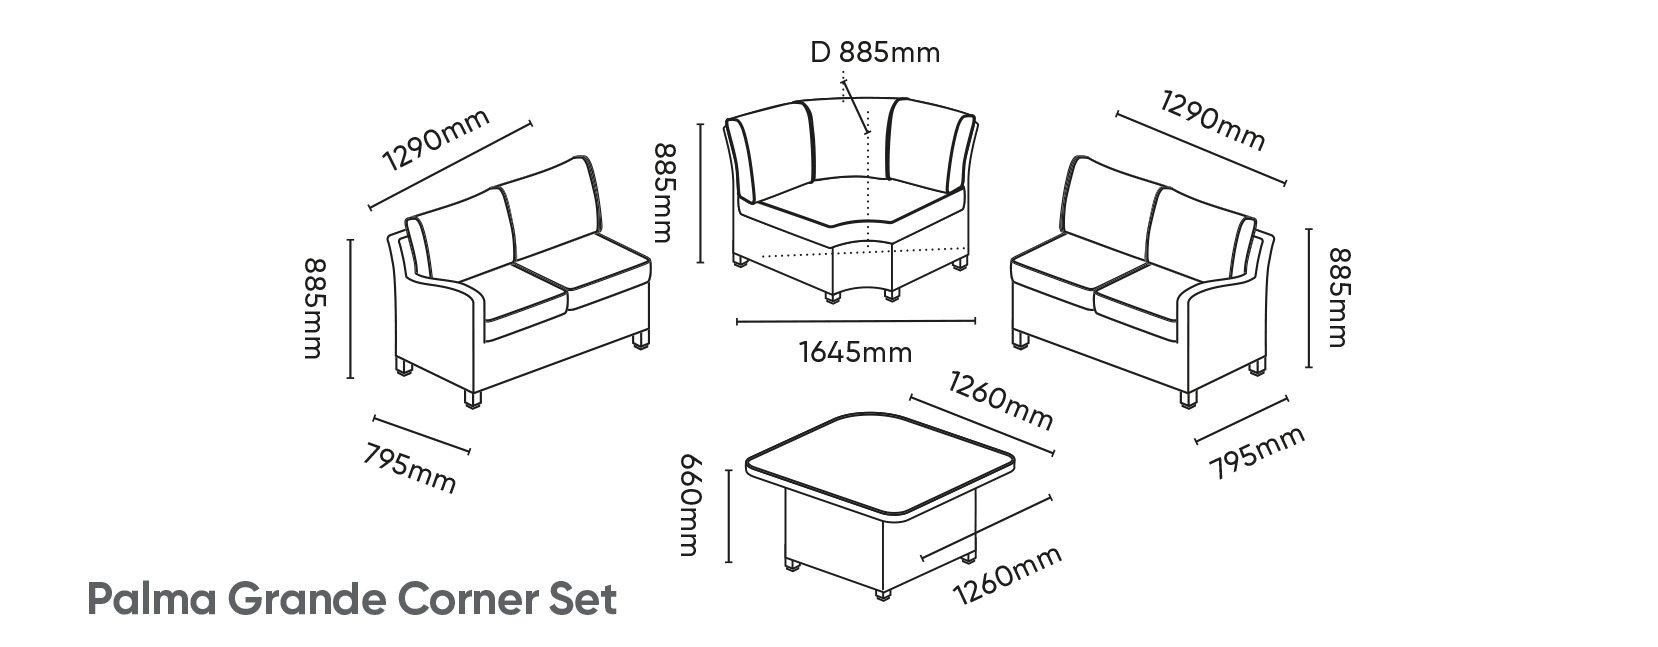 Palma Grande Corner Set Dimensions